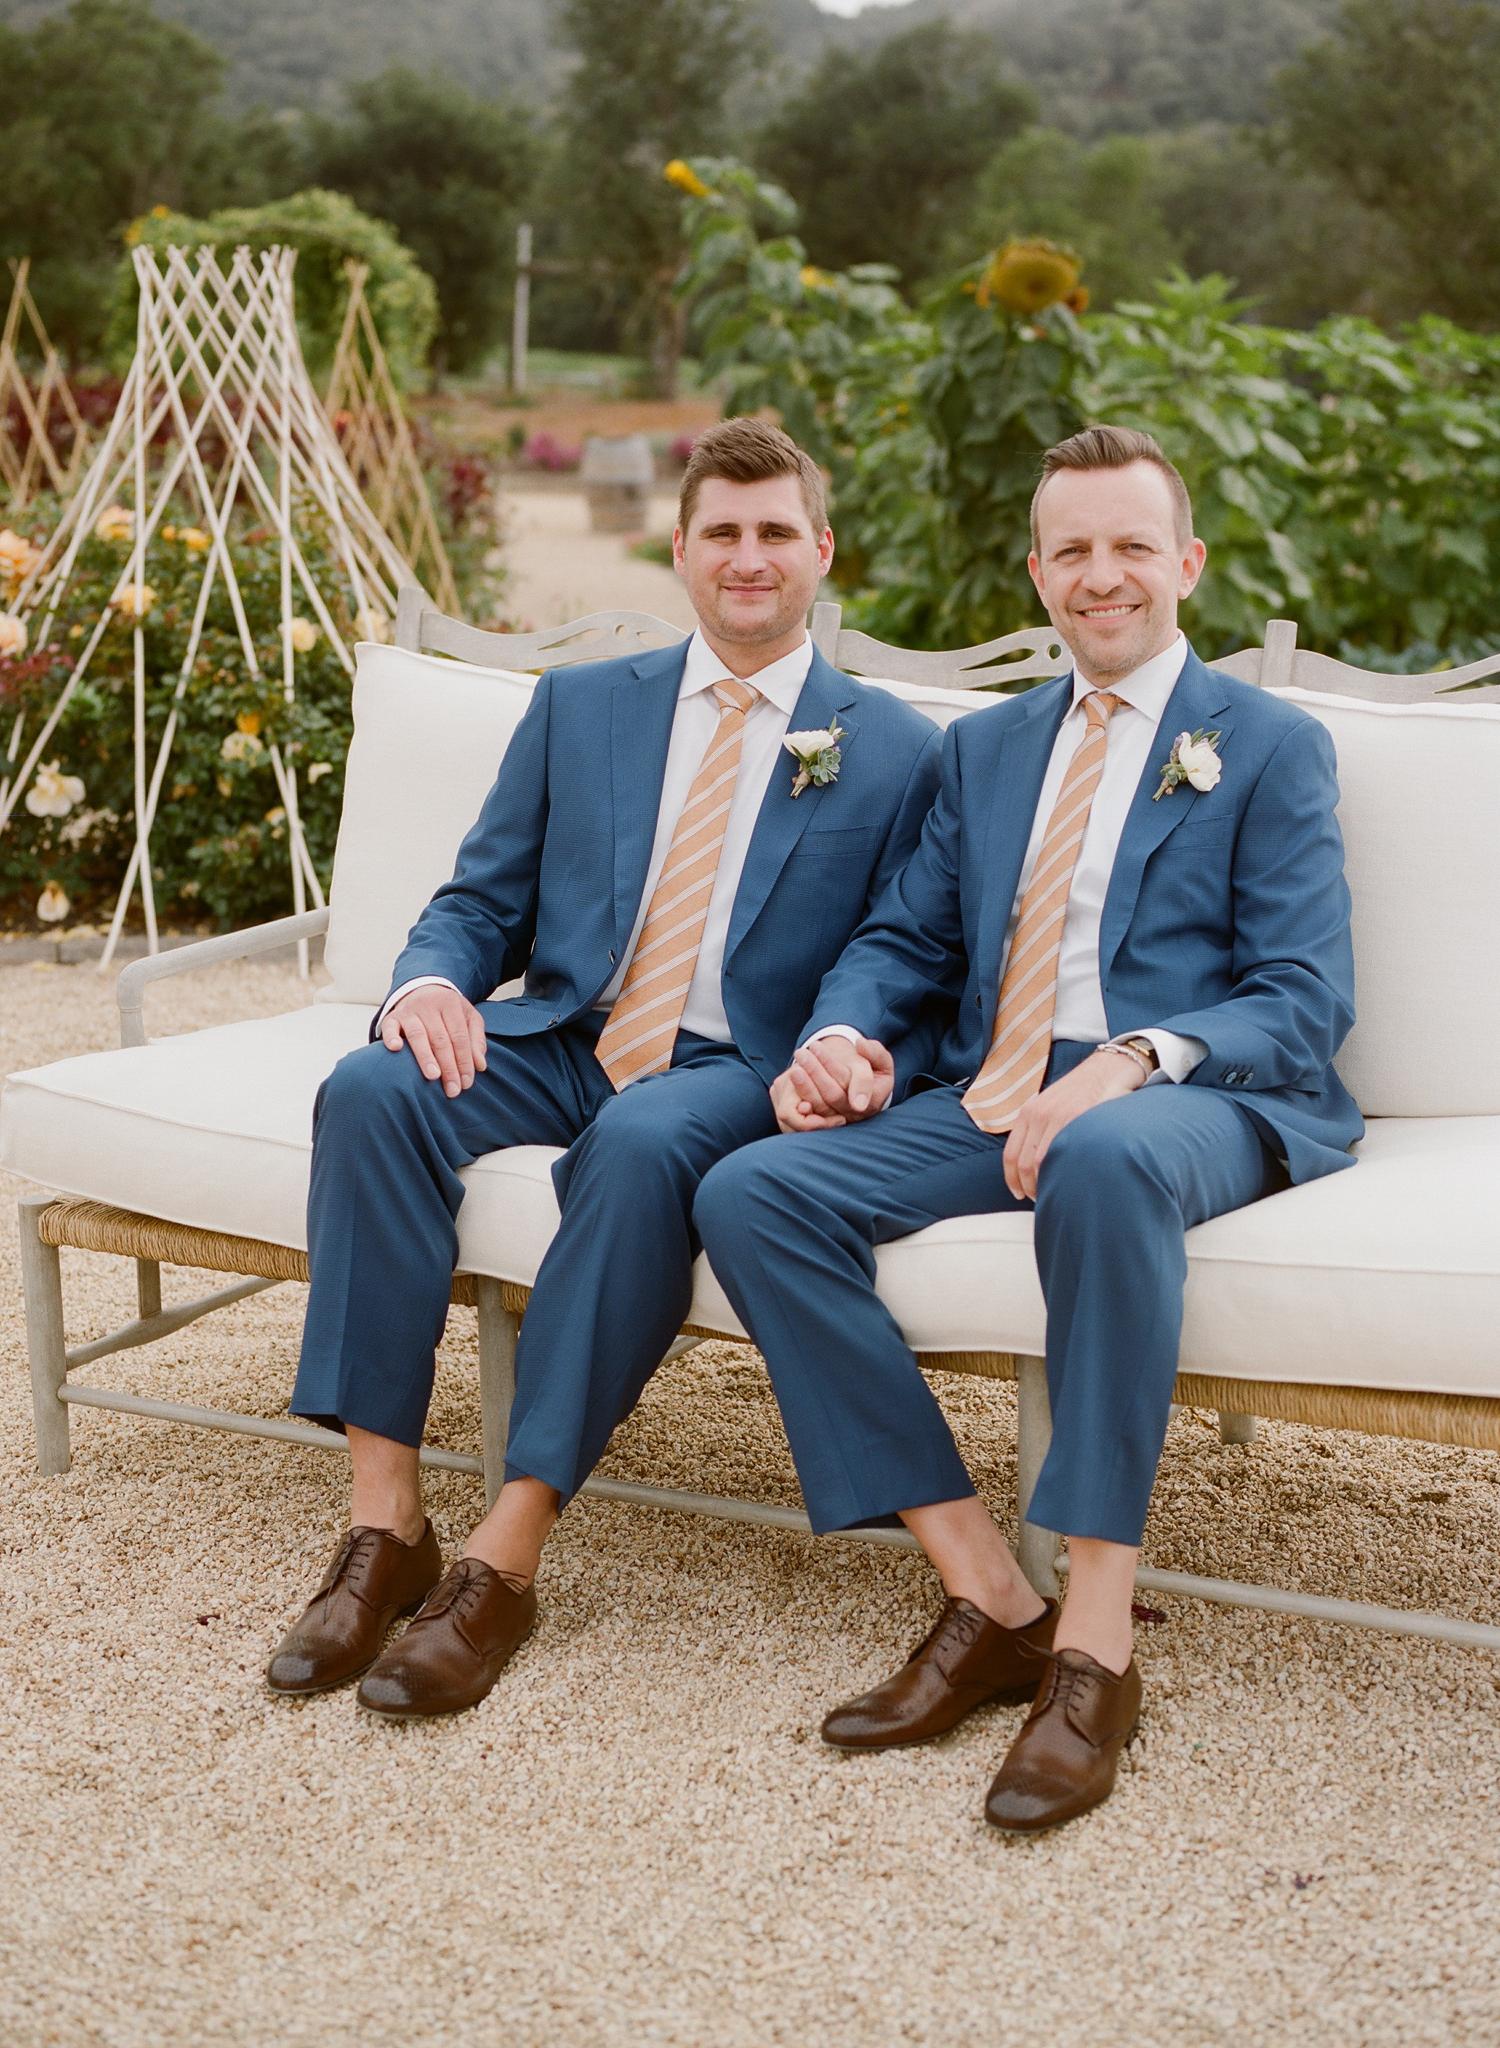 5-grooms-portrait-gay-wedding.jpg